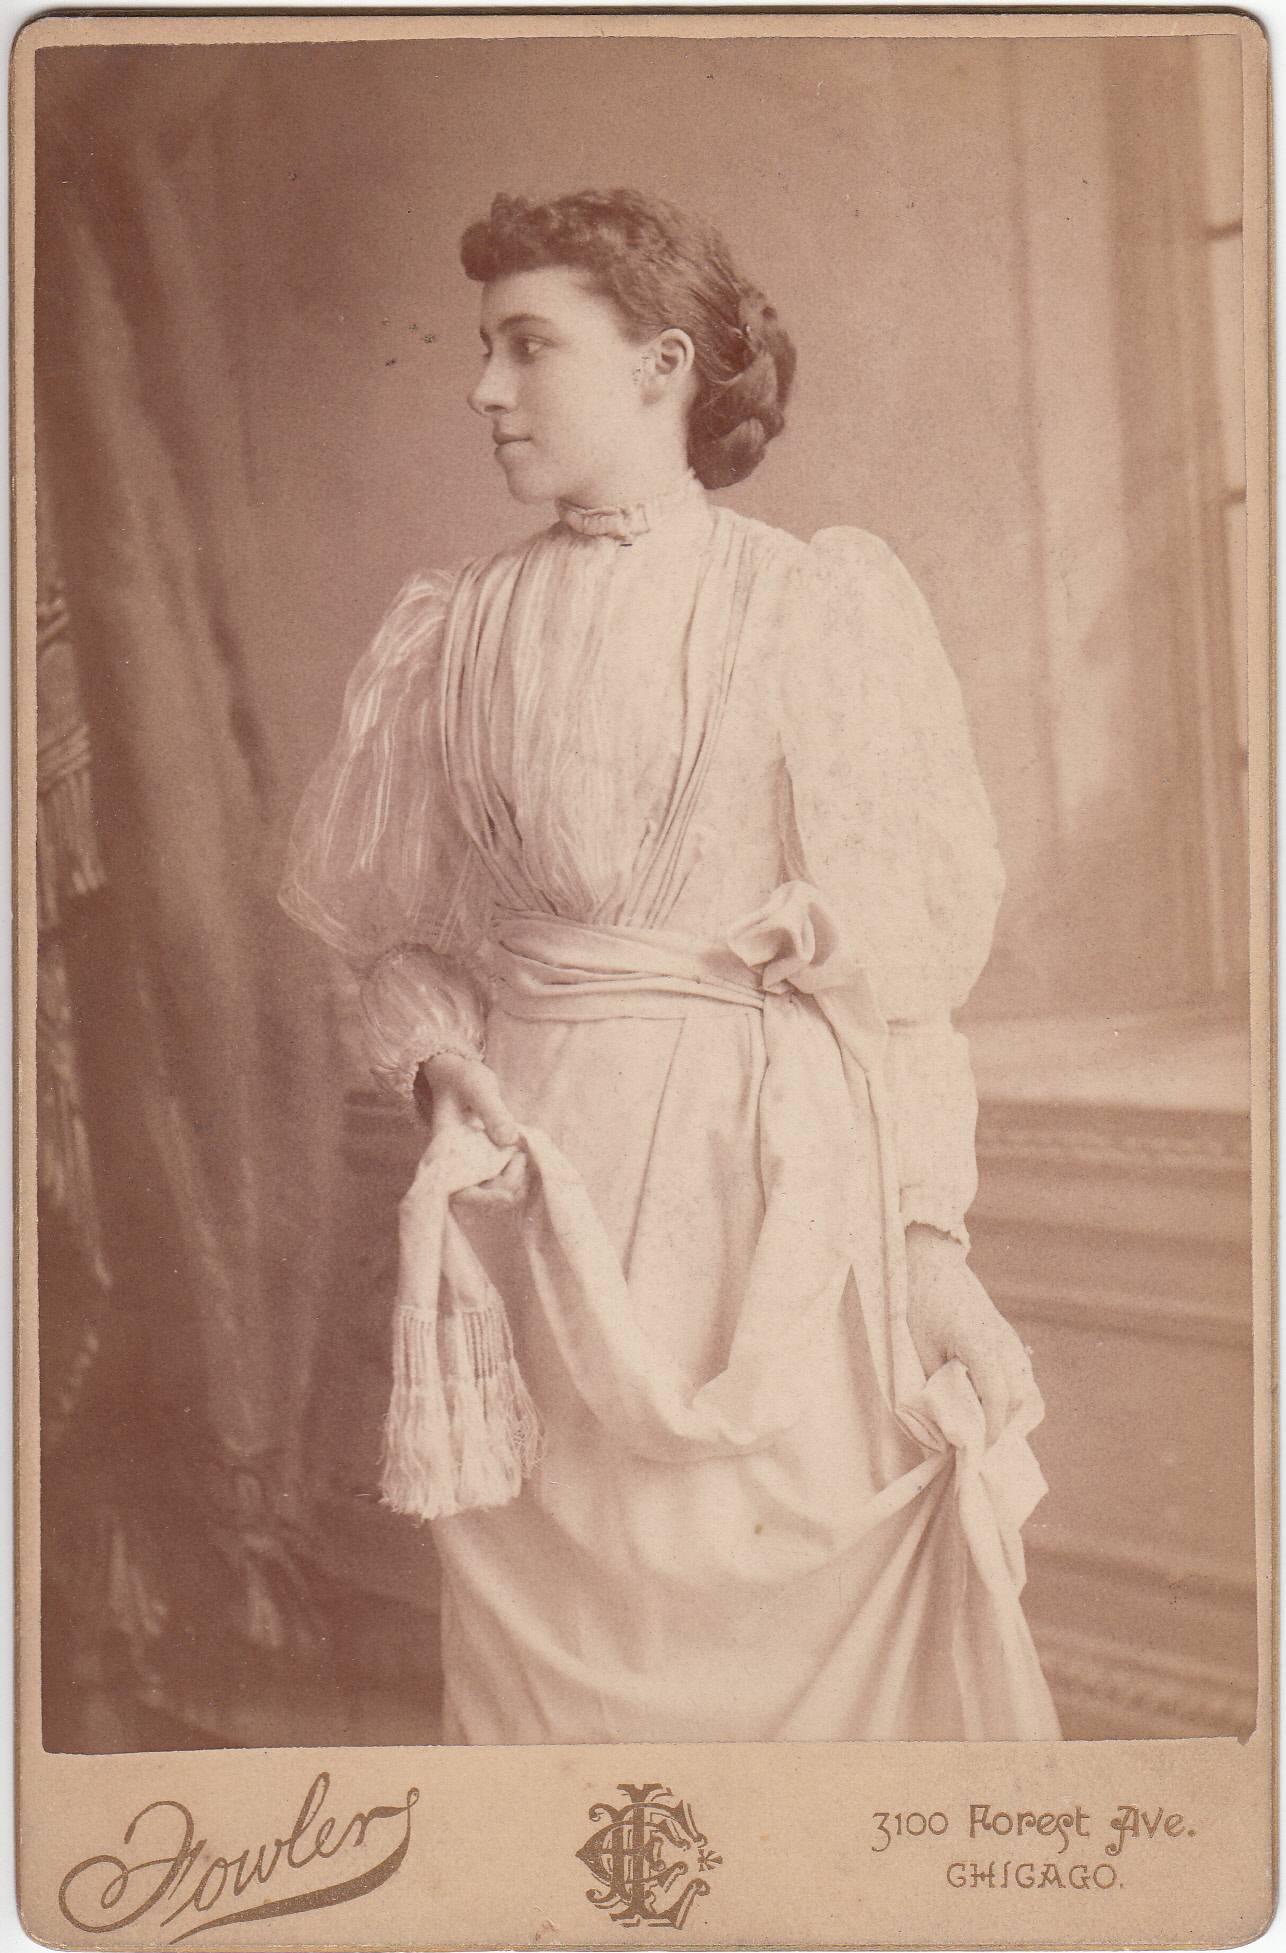 E. L. Fowler, photographer of Chicago, IL